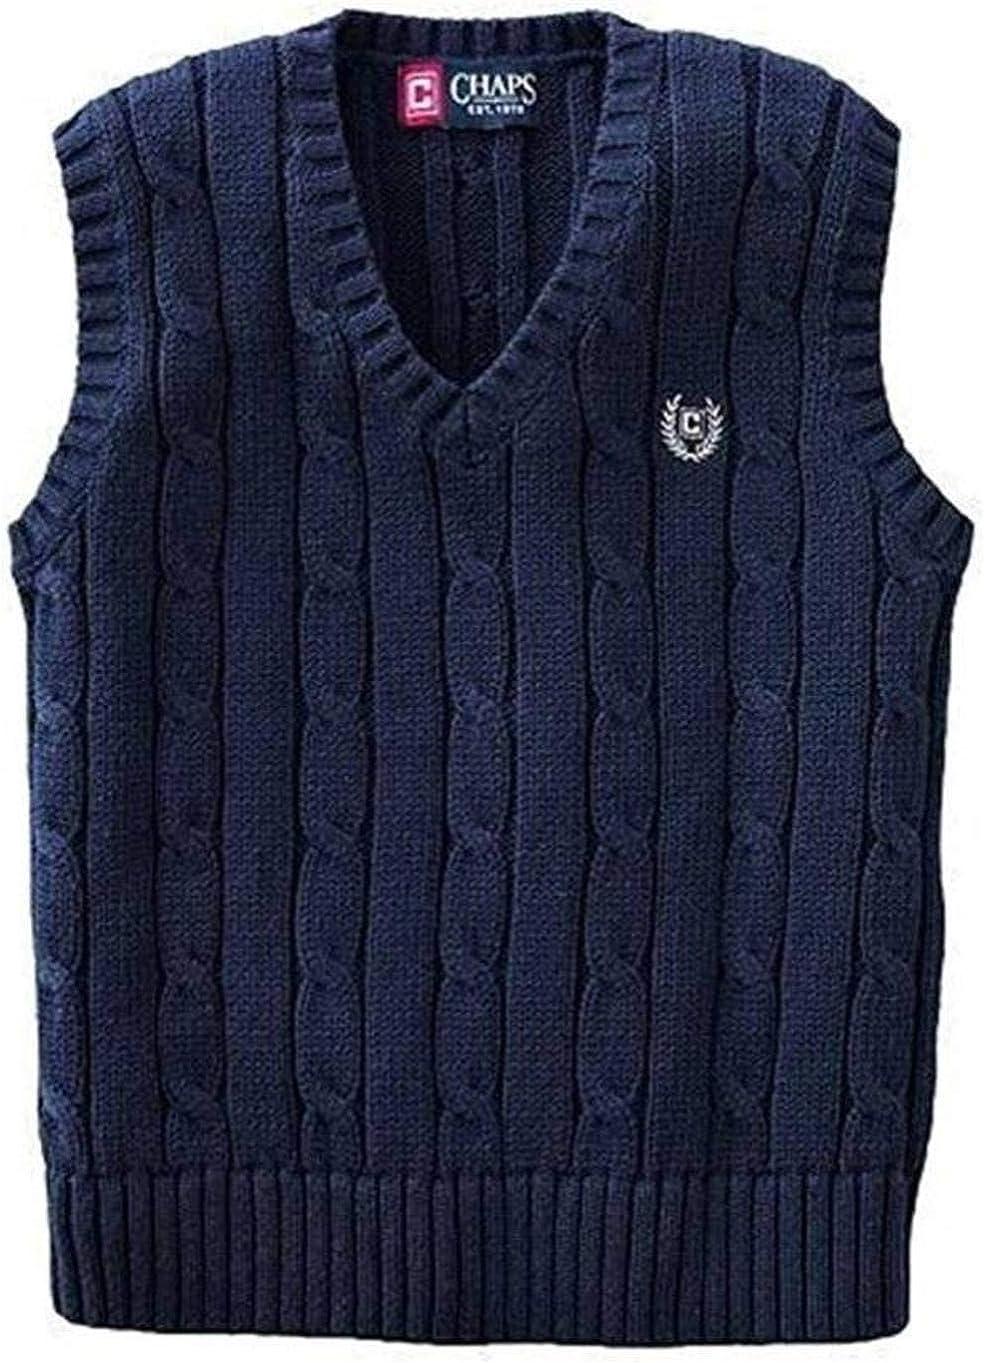 Chaps Boy's Cable Knit Sweater Vest